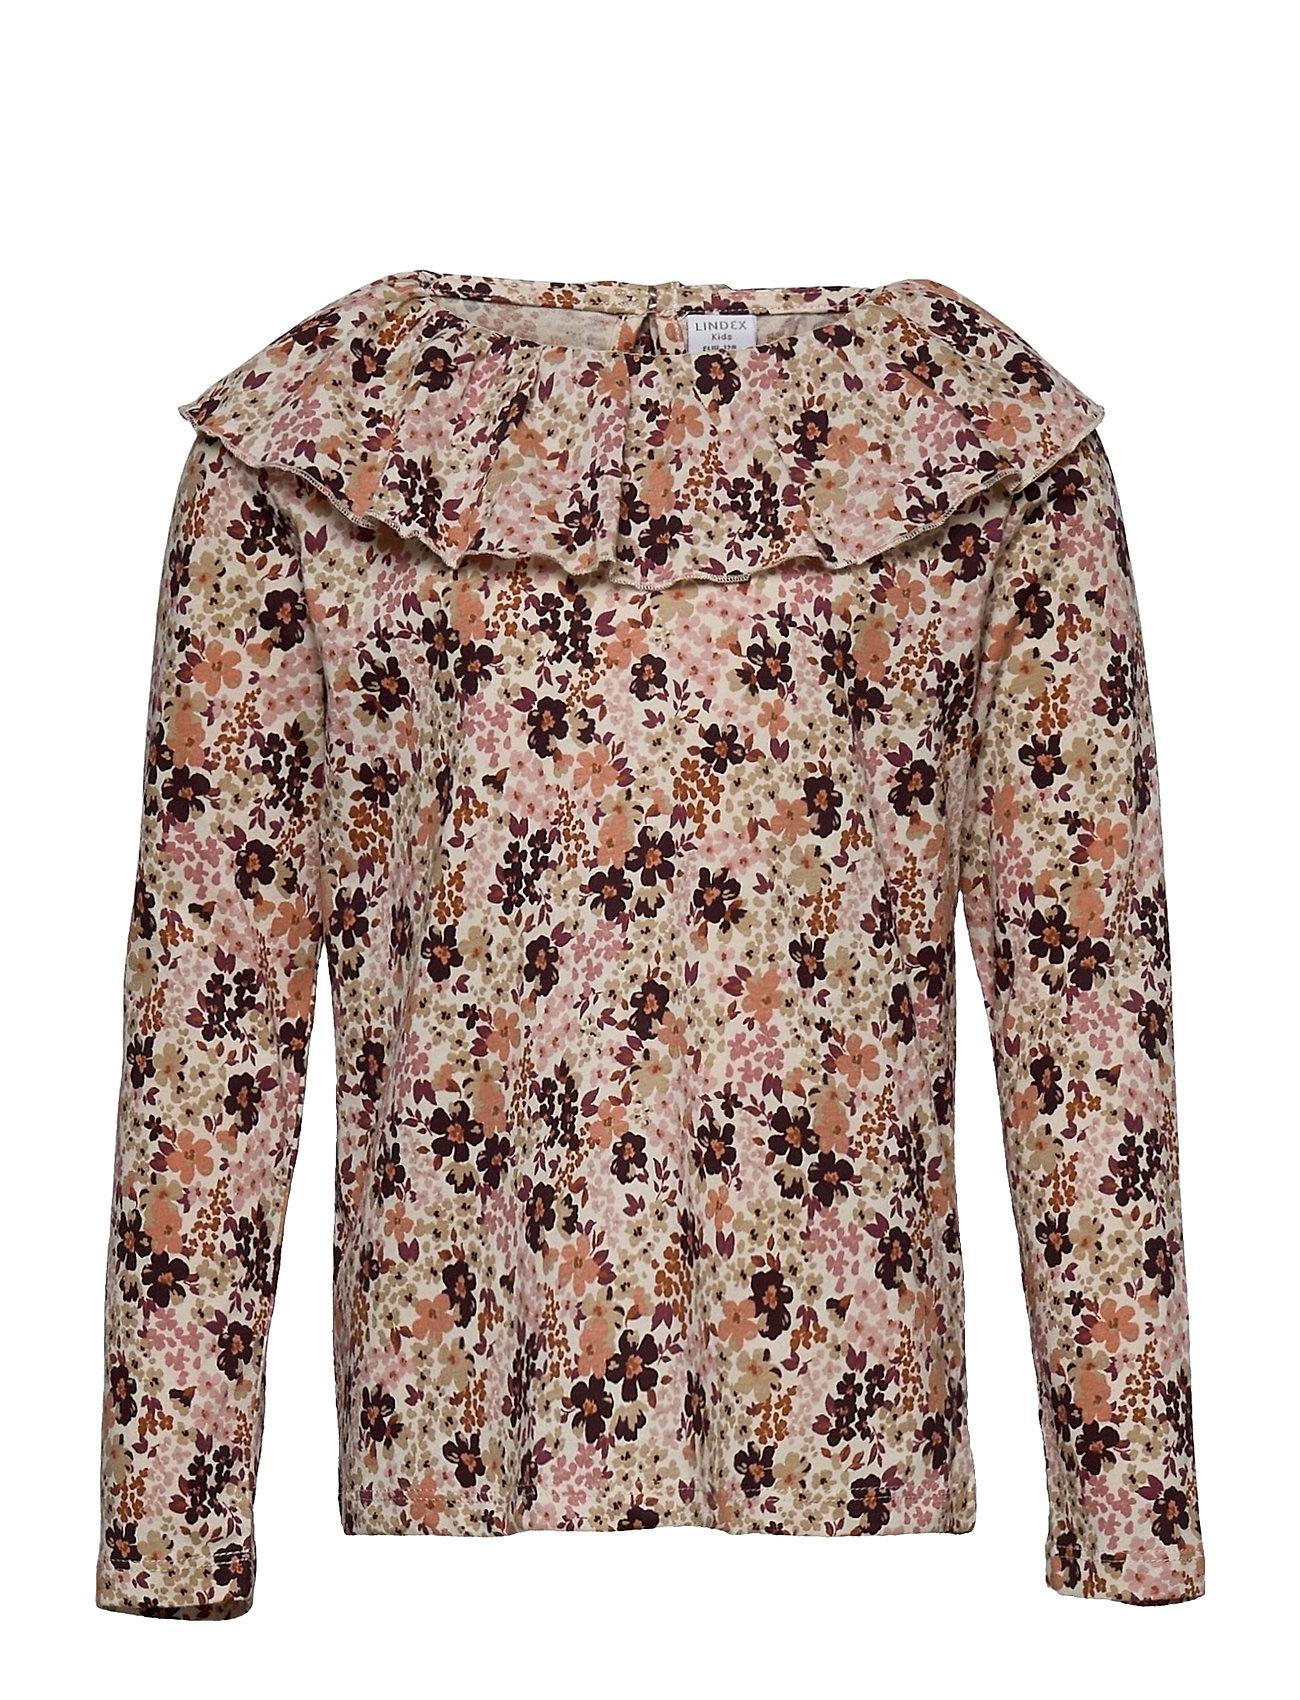 Top Big Collar Langærmet T-shirt Brun Lindex